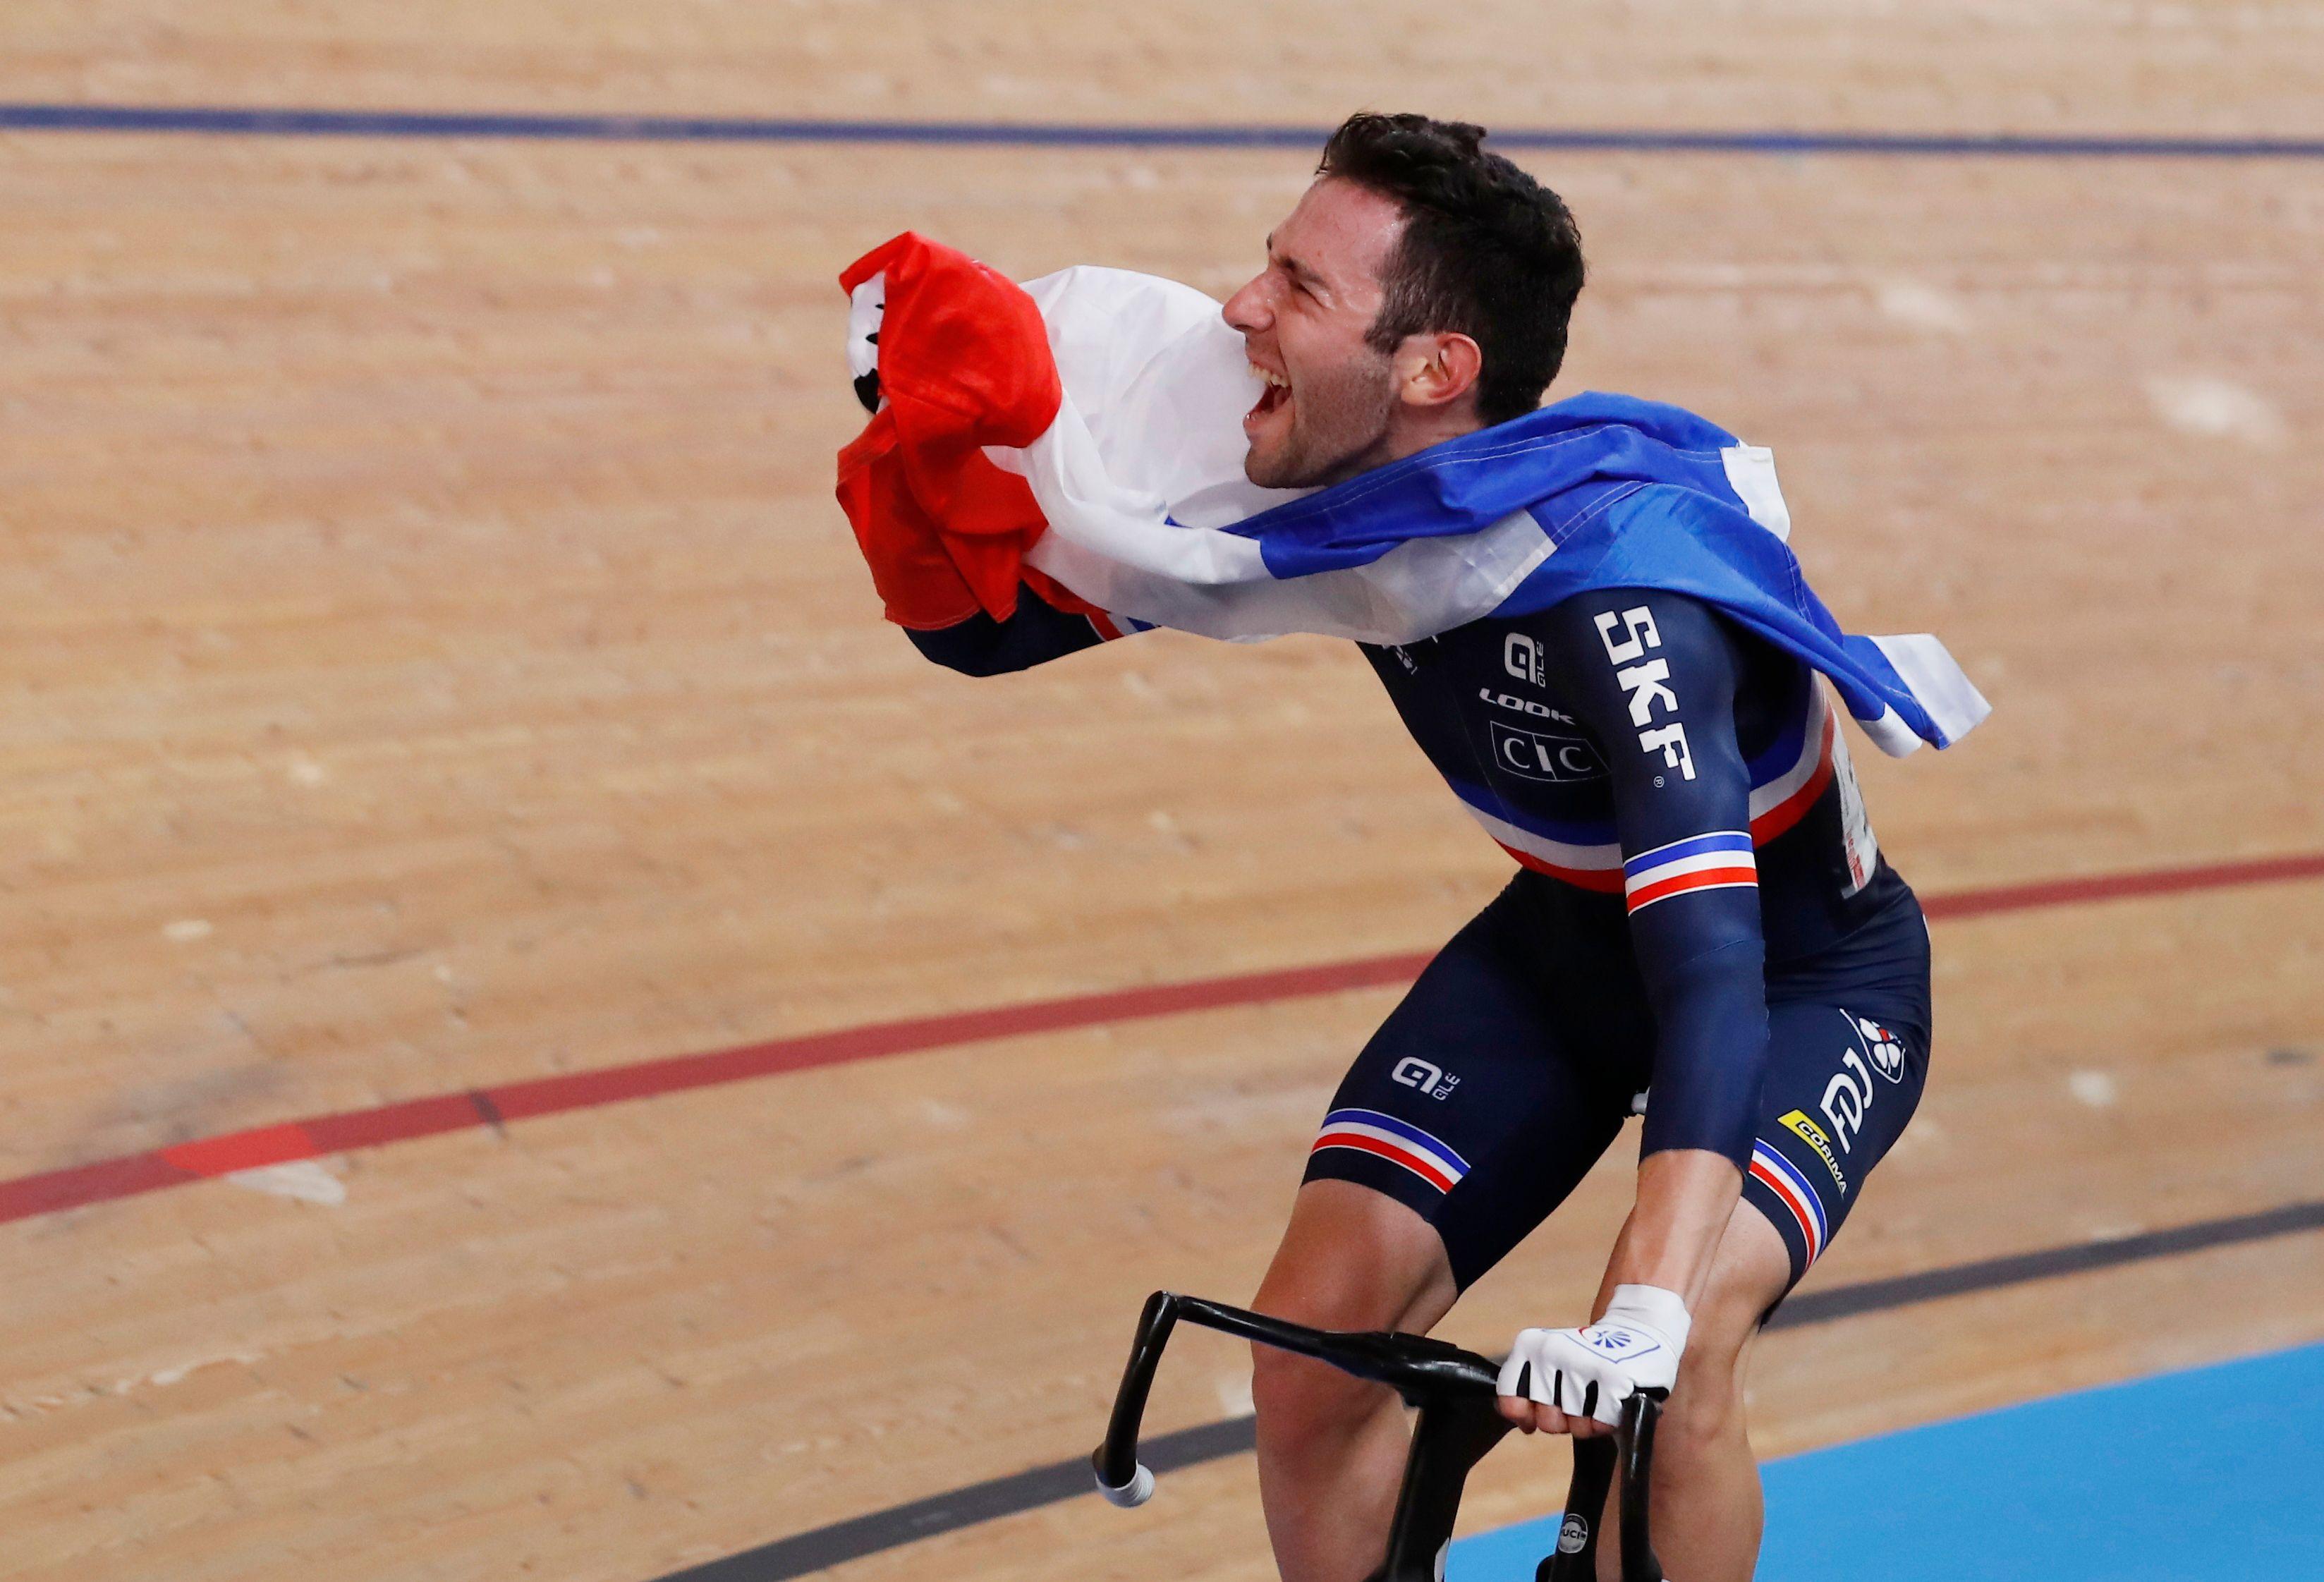 Cyclisme - Mondiaux sur piste : cinq médailles mais une déception en sprint pour la France